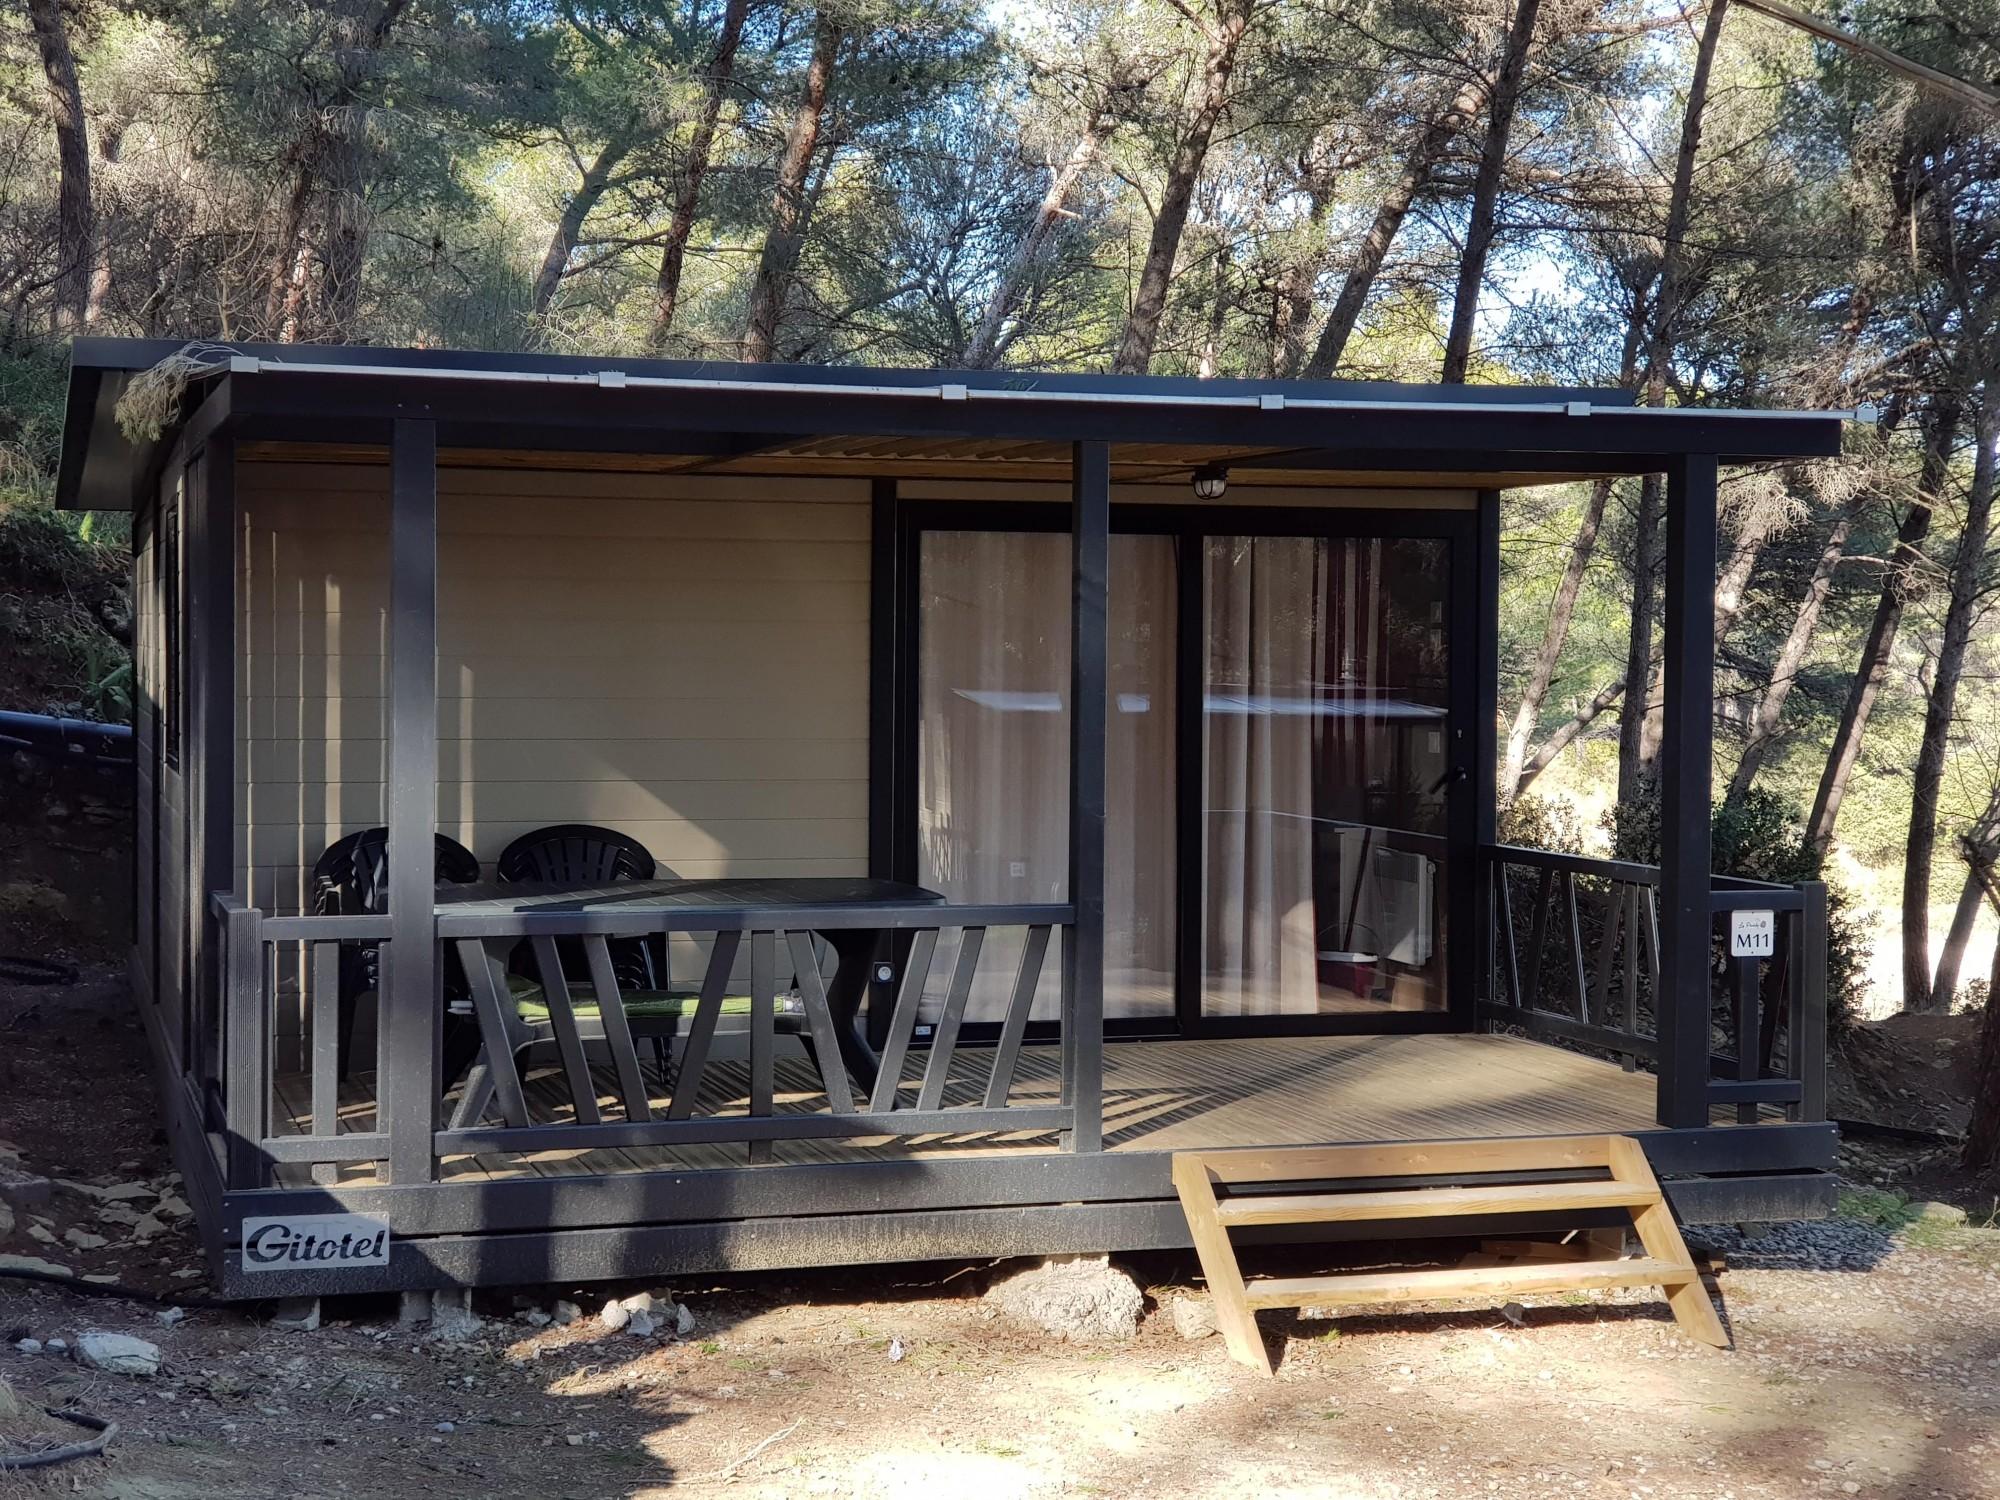 Location de chalet pour 4 5 personnes dans un camping 3 - Camping aix en provence avec piscine ...